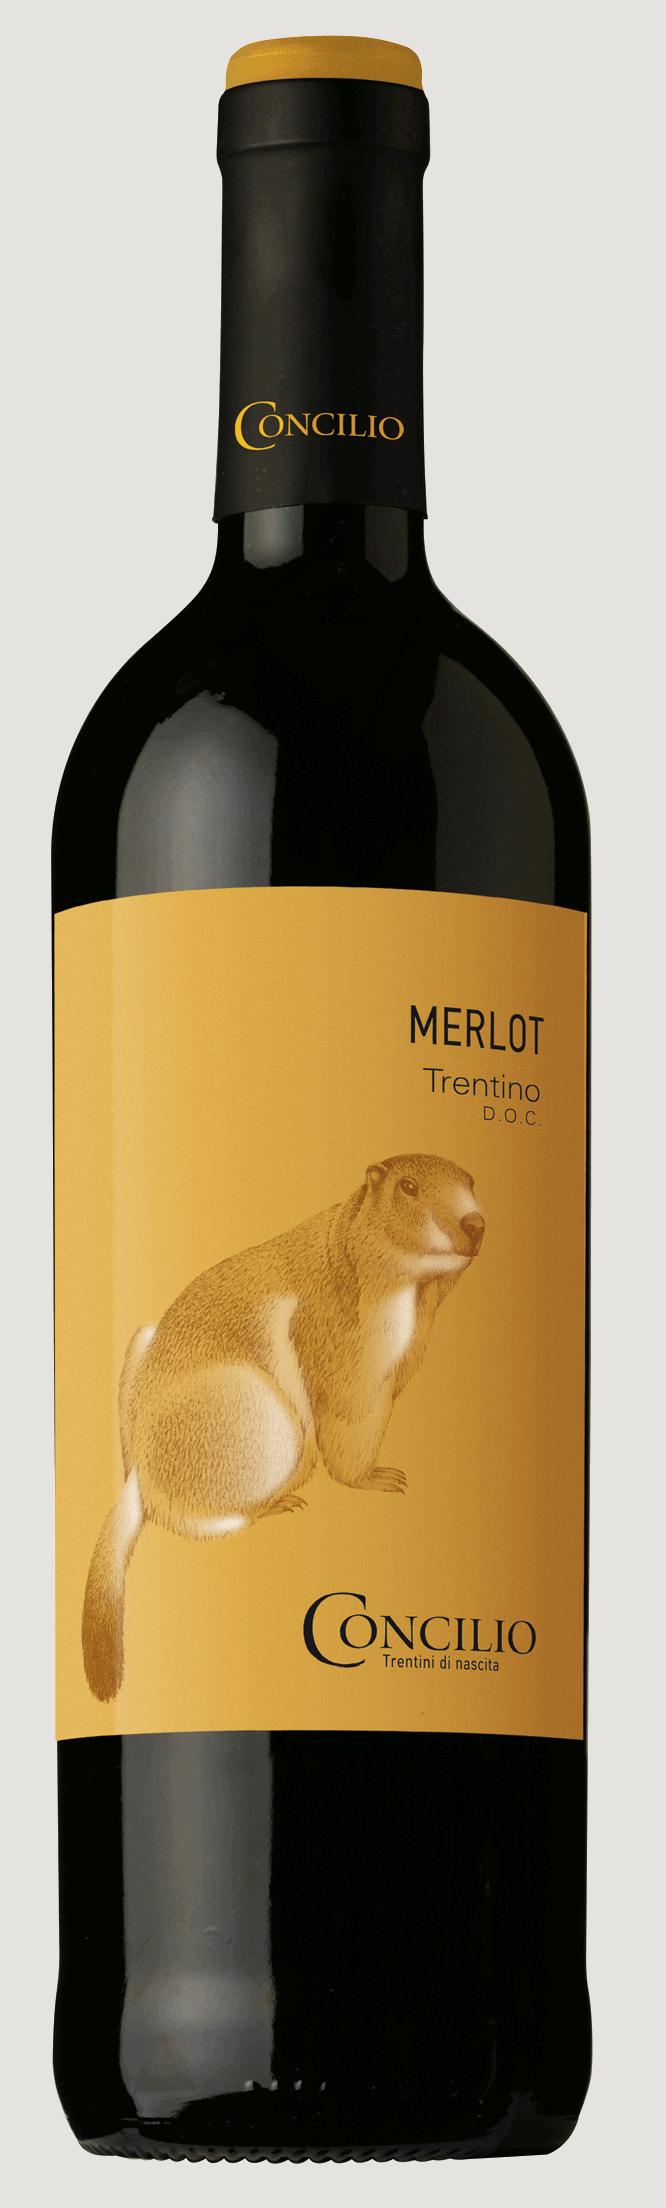 Concilio Merlot Trentino DOP